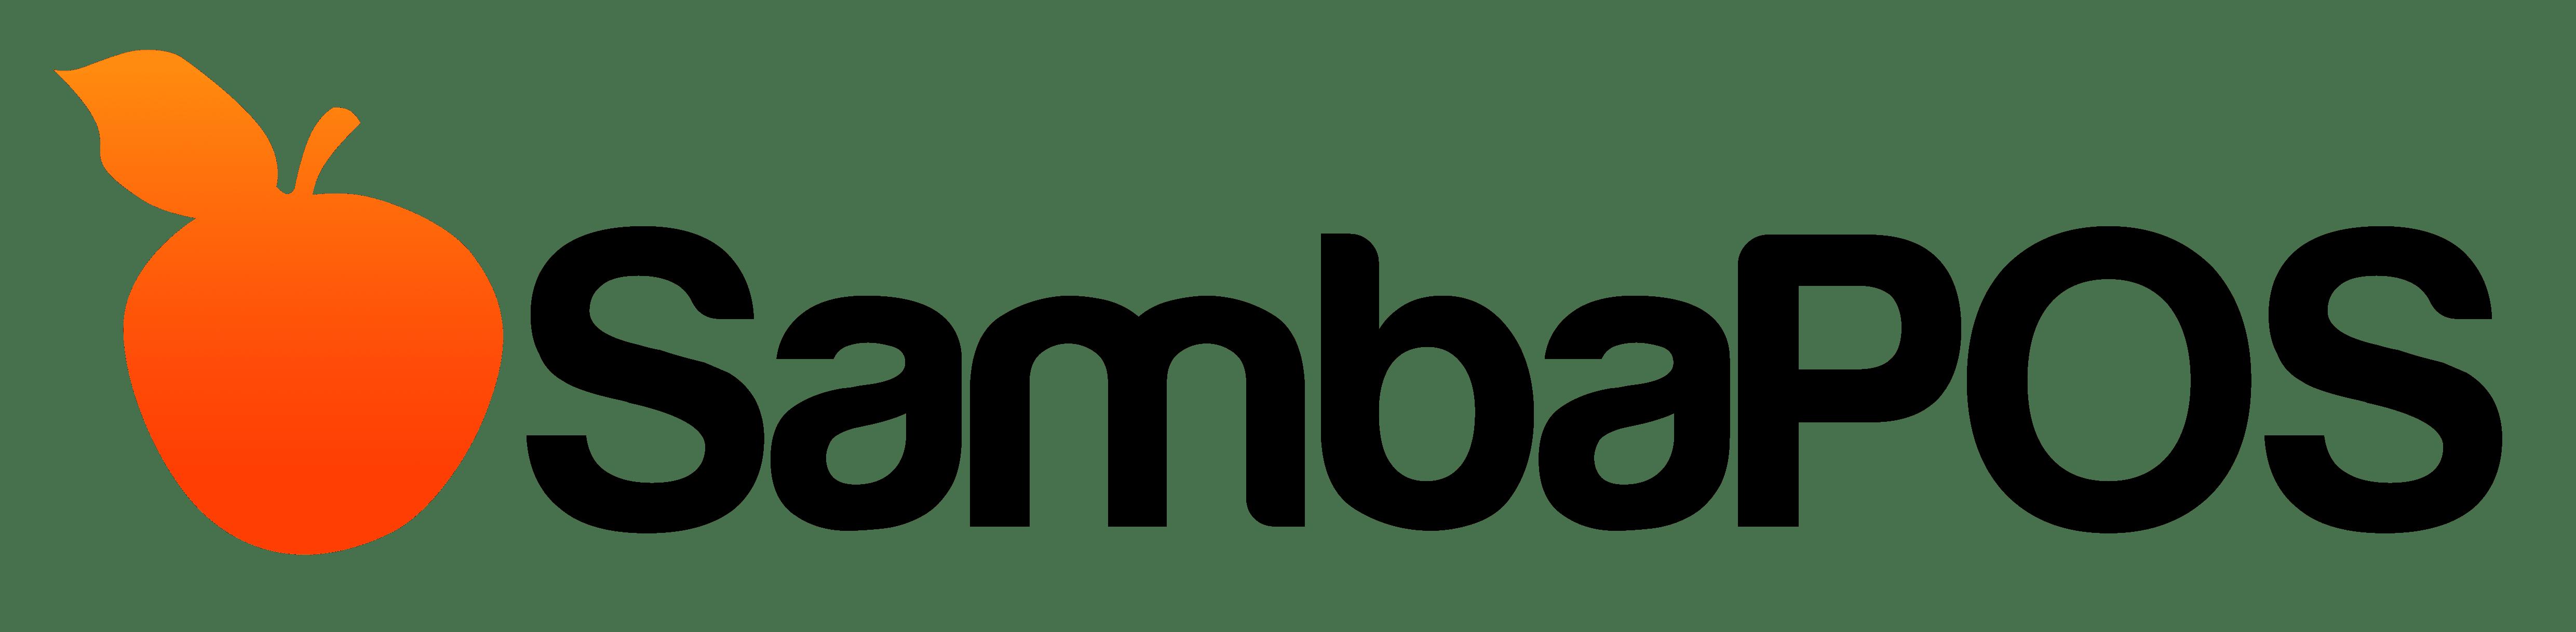 sambapos logo